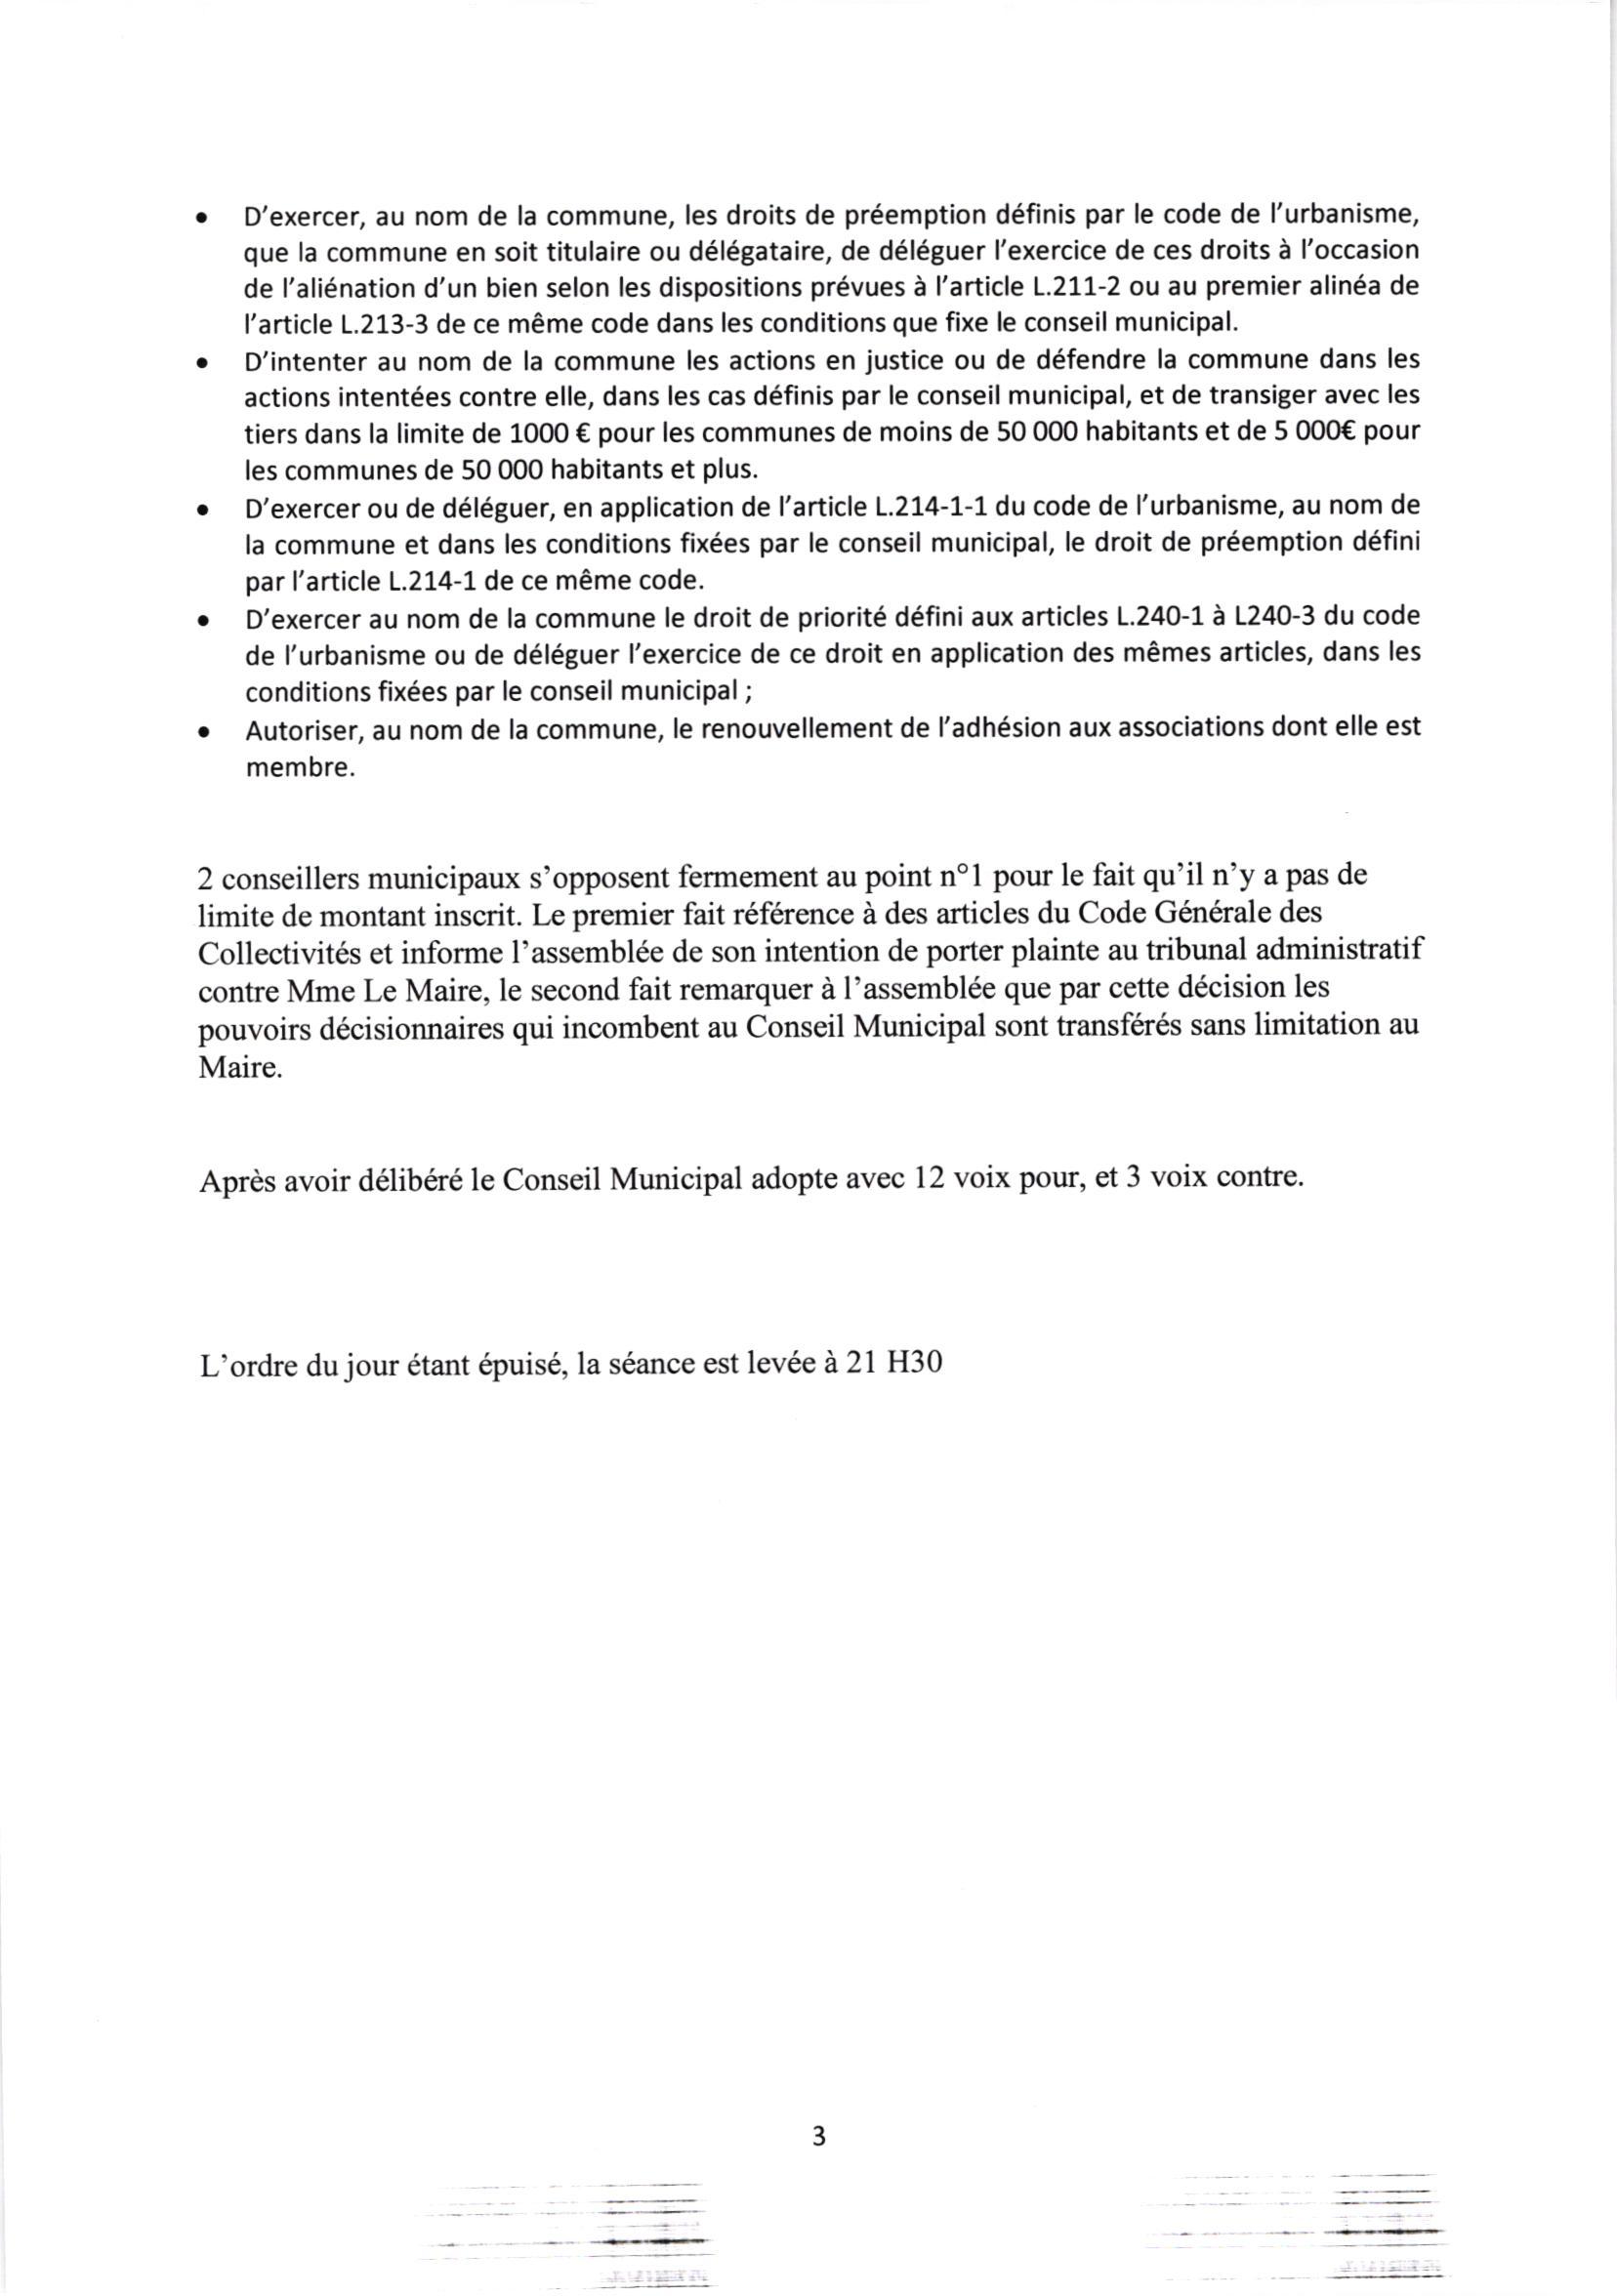 CR CM 25 mai 2020